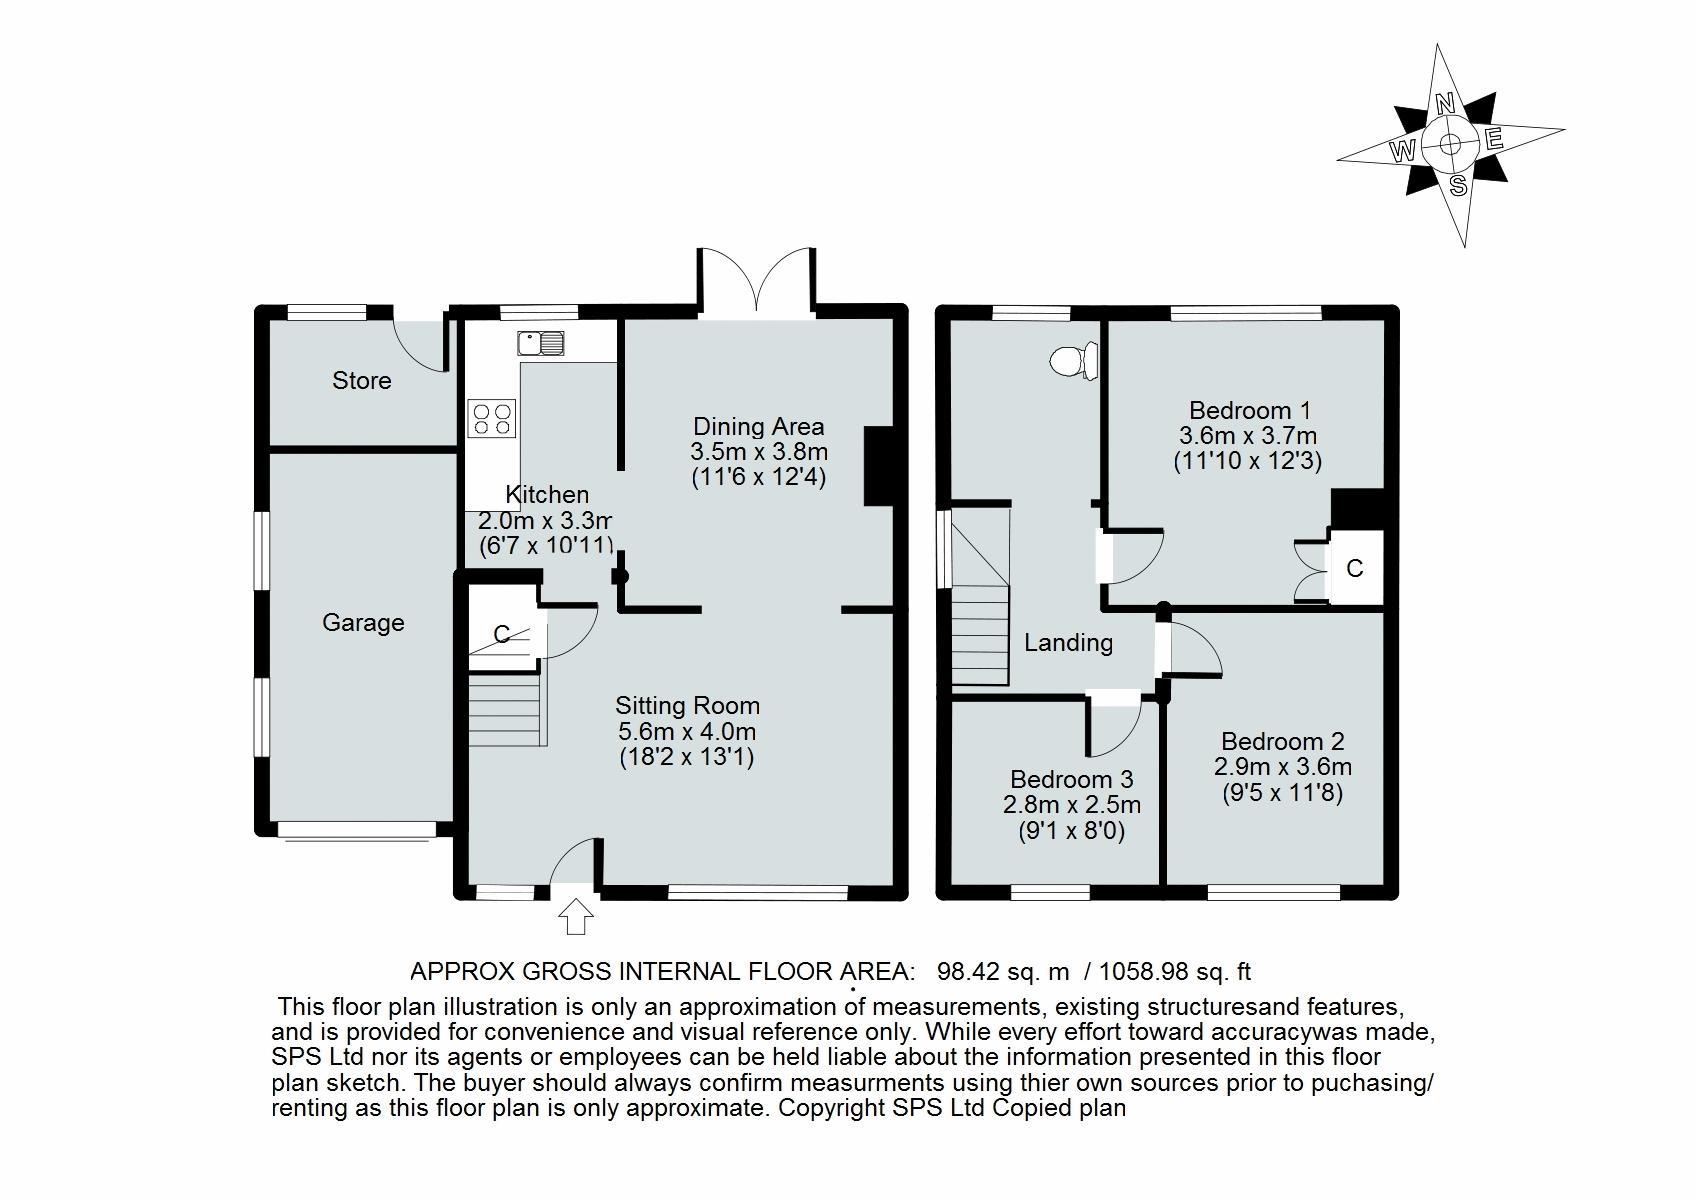 Property for sale in lock crescent kidlington for 1077 marinaside crescent floor plan